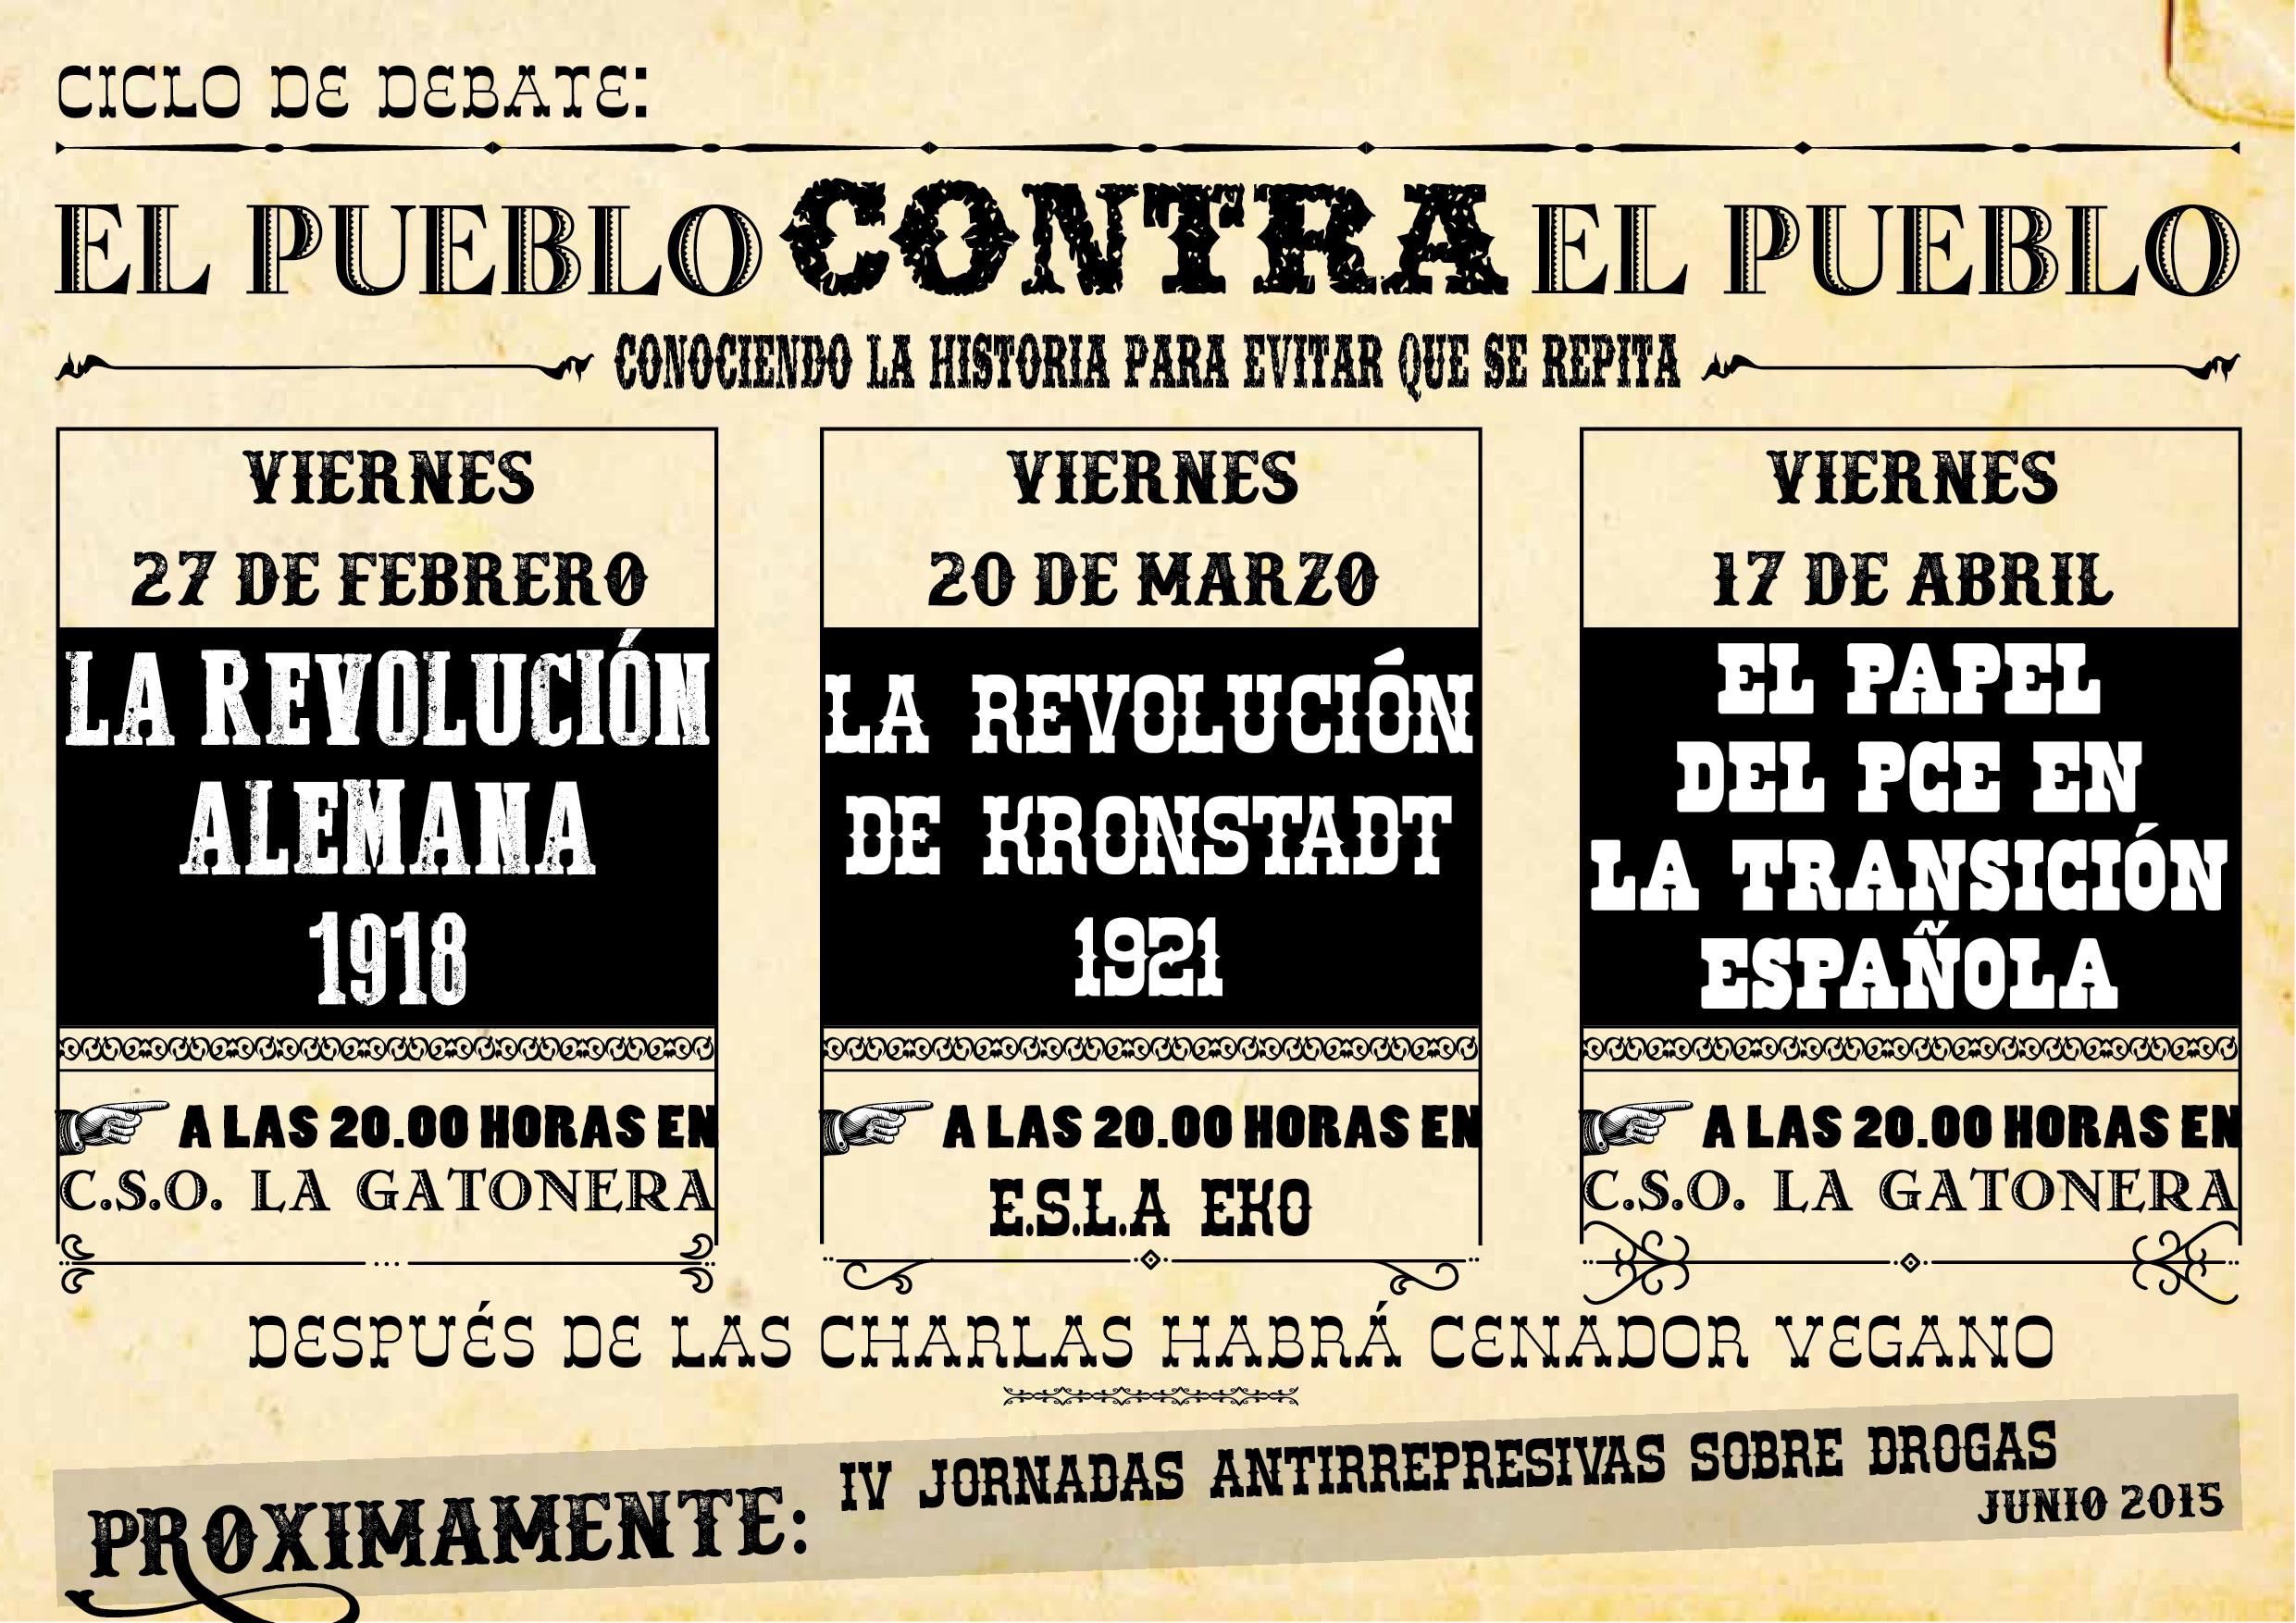 El_pueblo_contra_pueblo